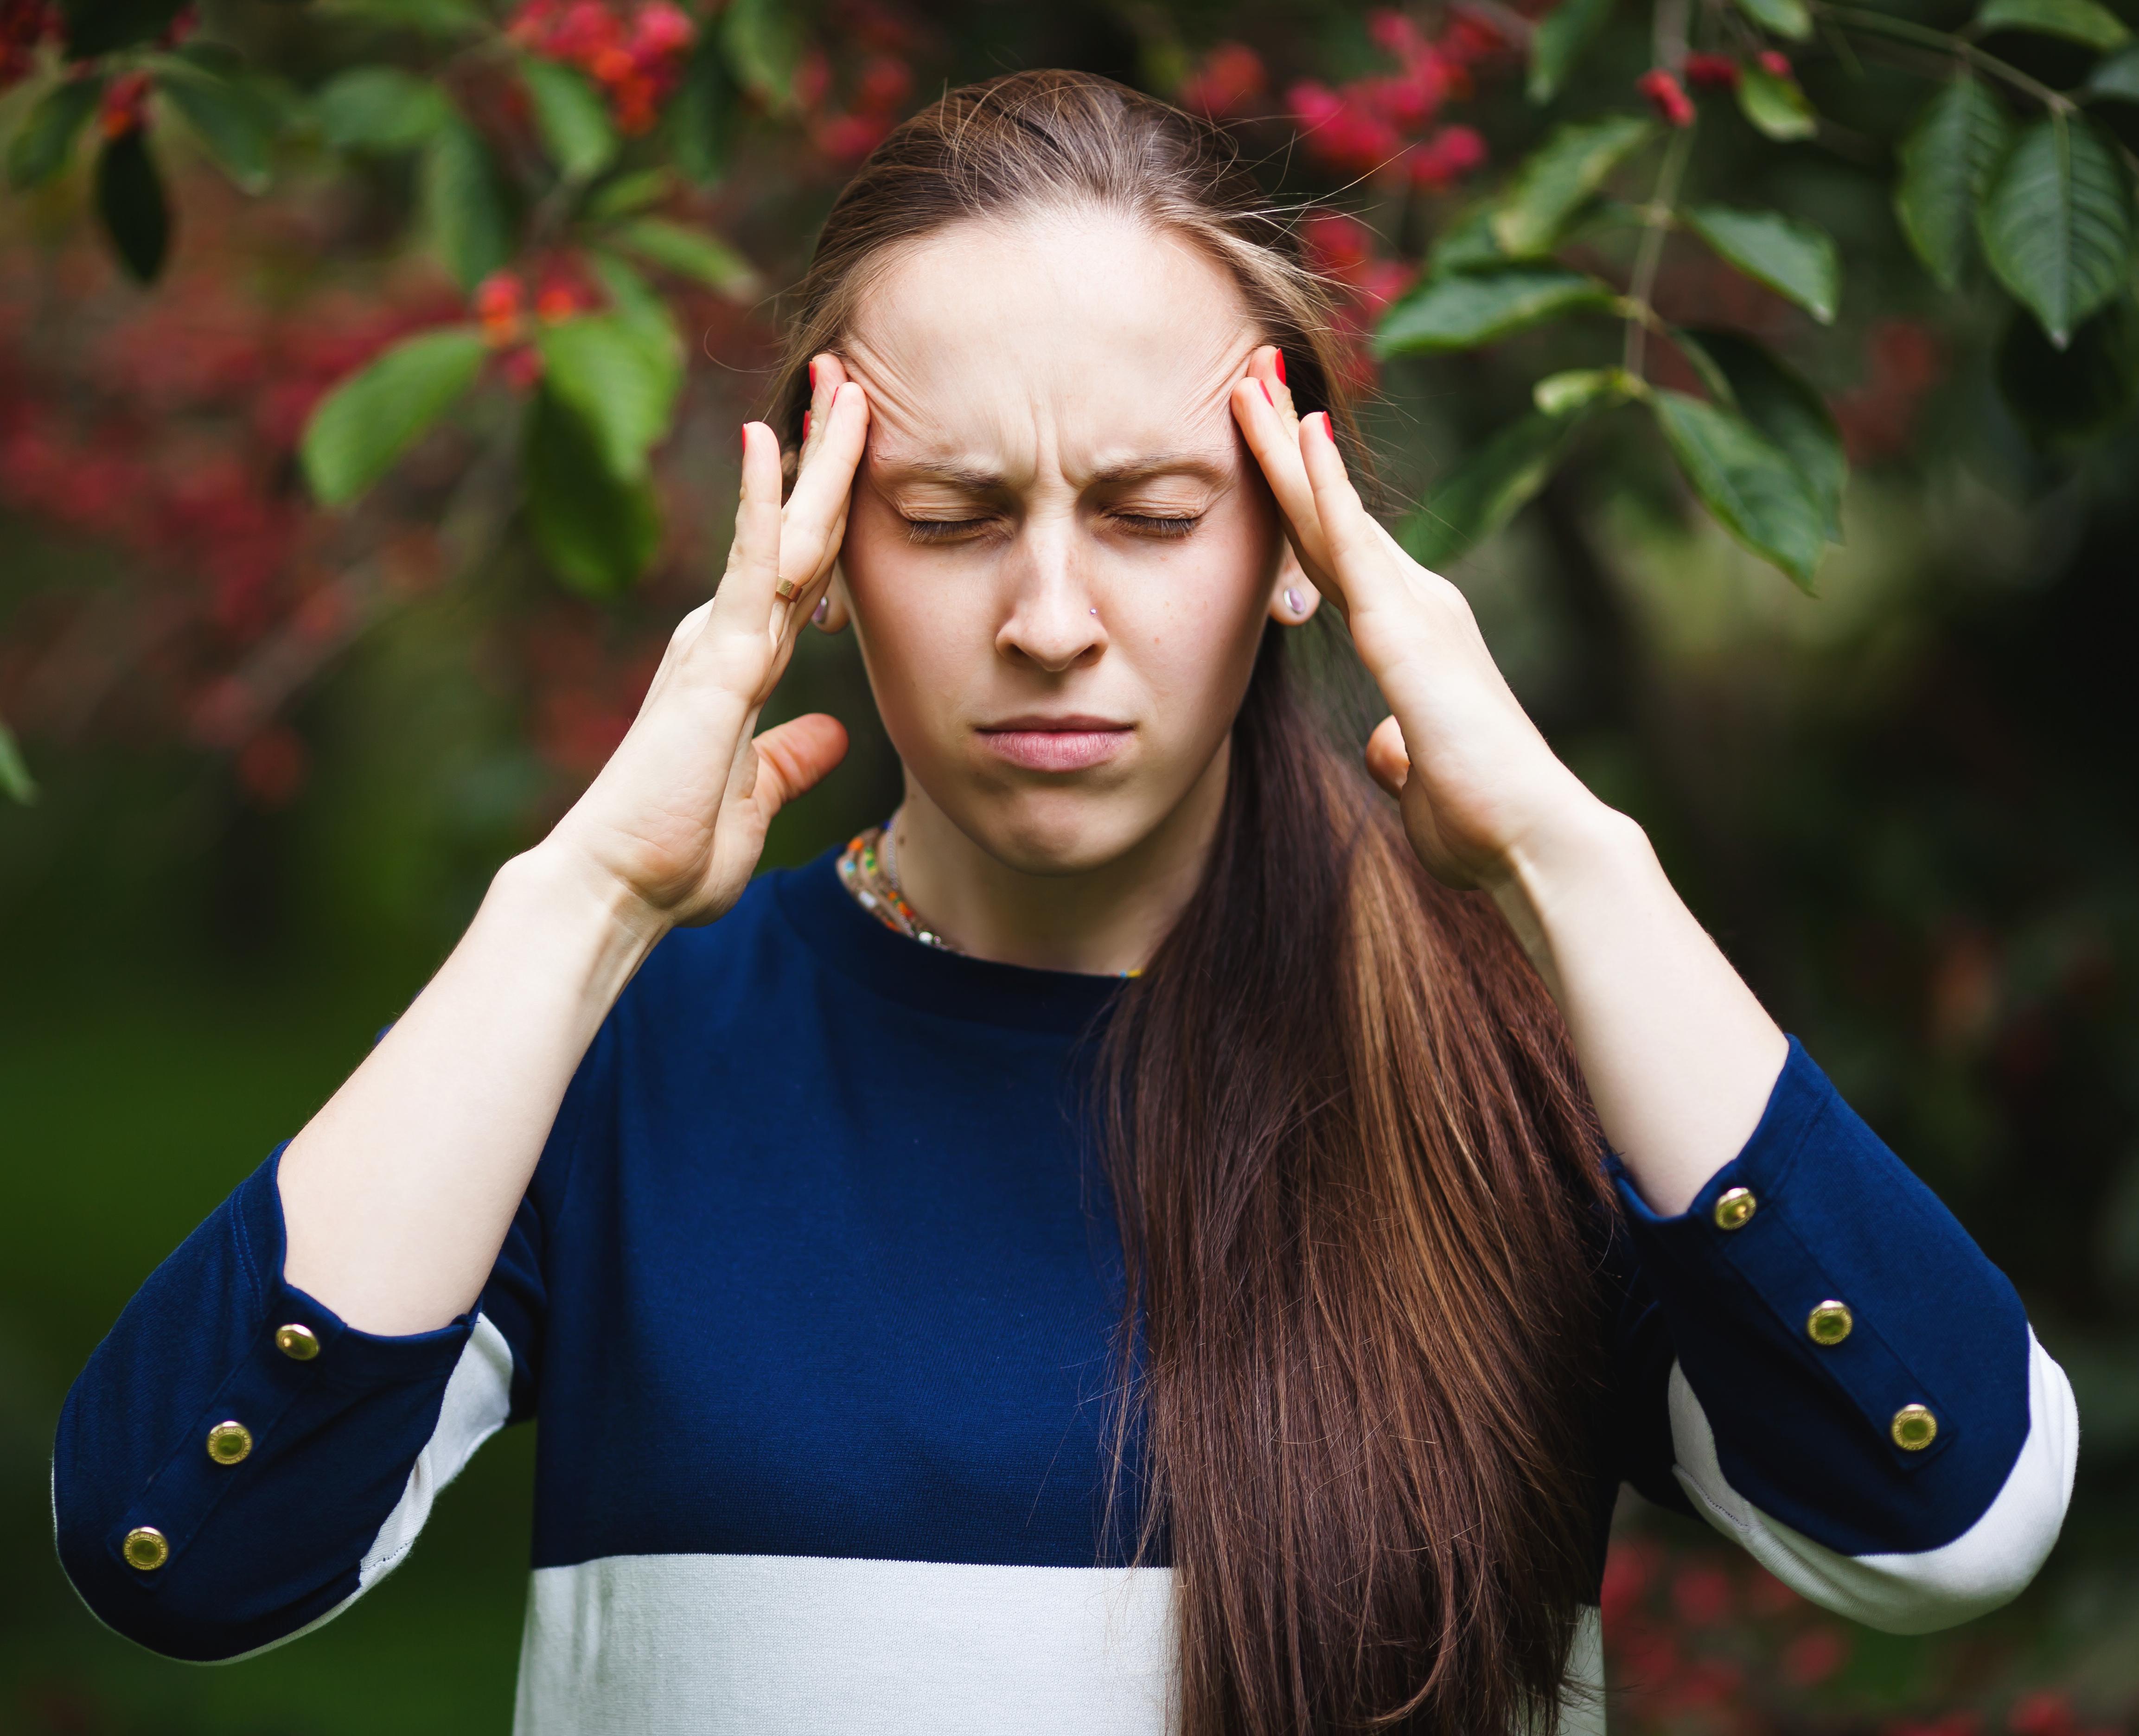 Smärta kan ha många ansikten för dig som är drabbad.